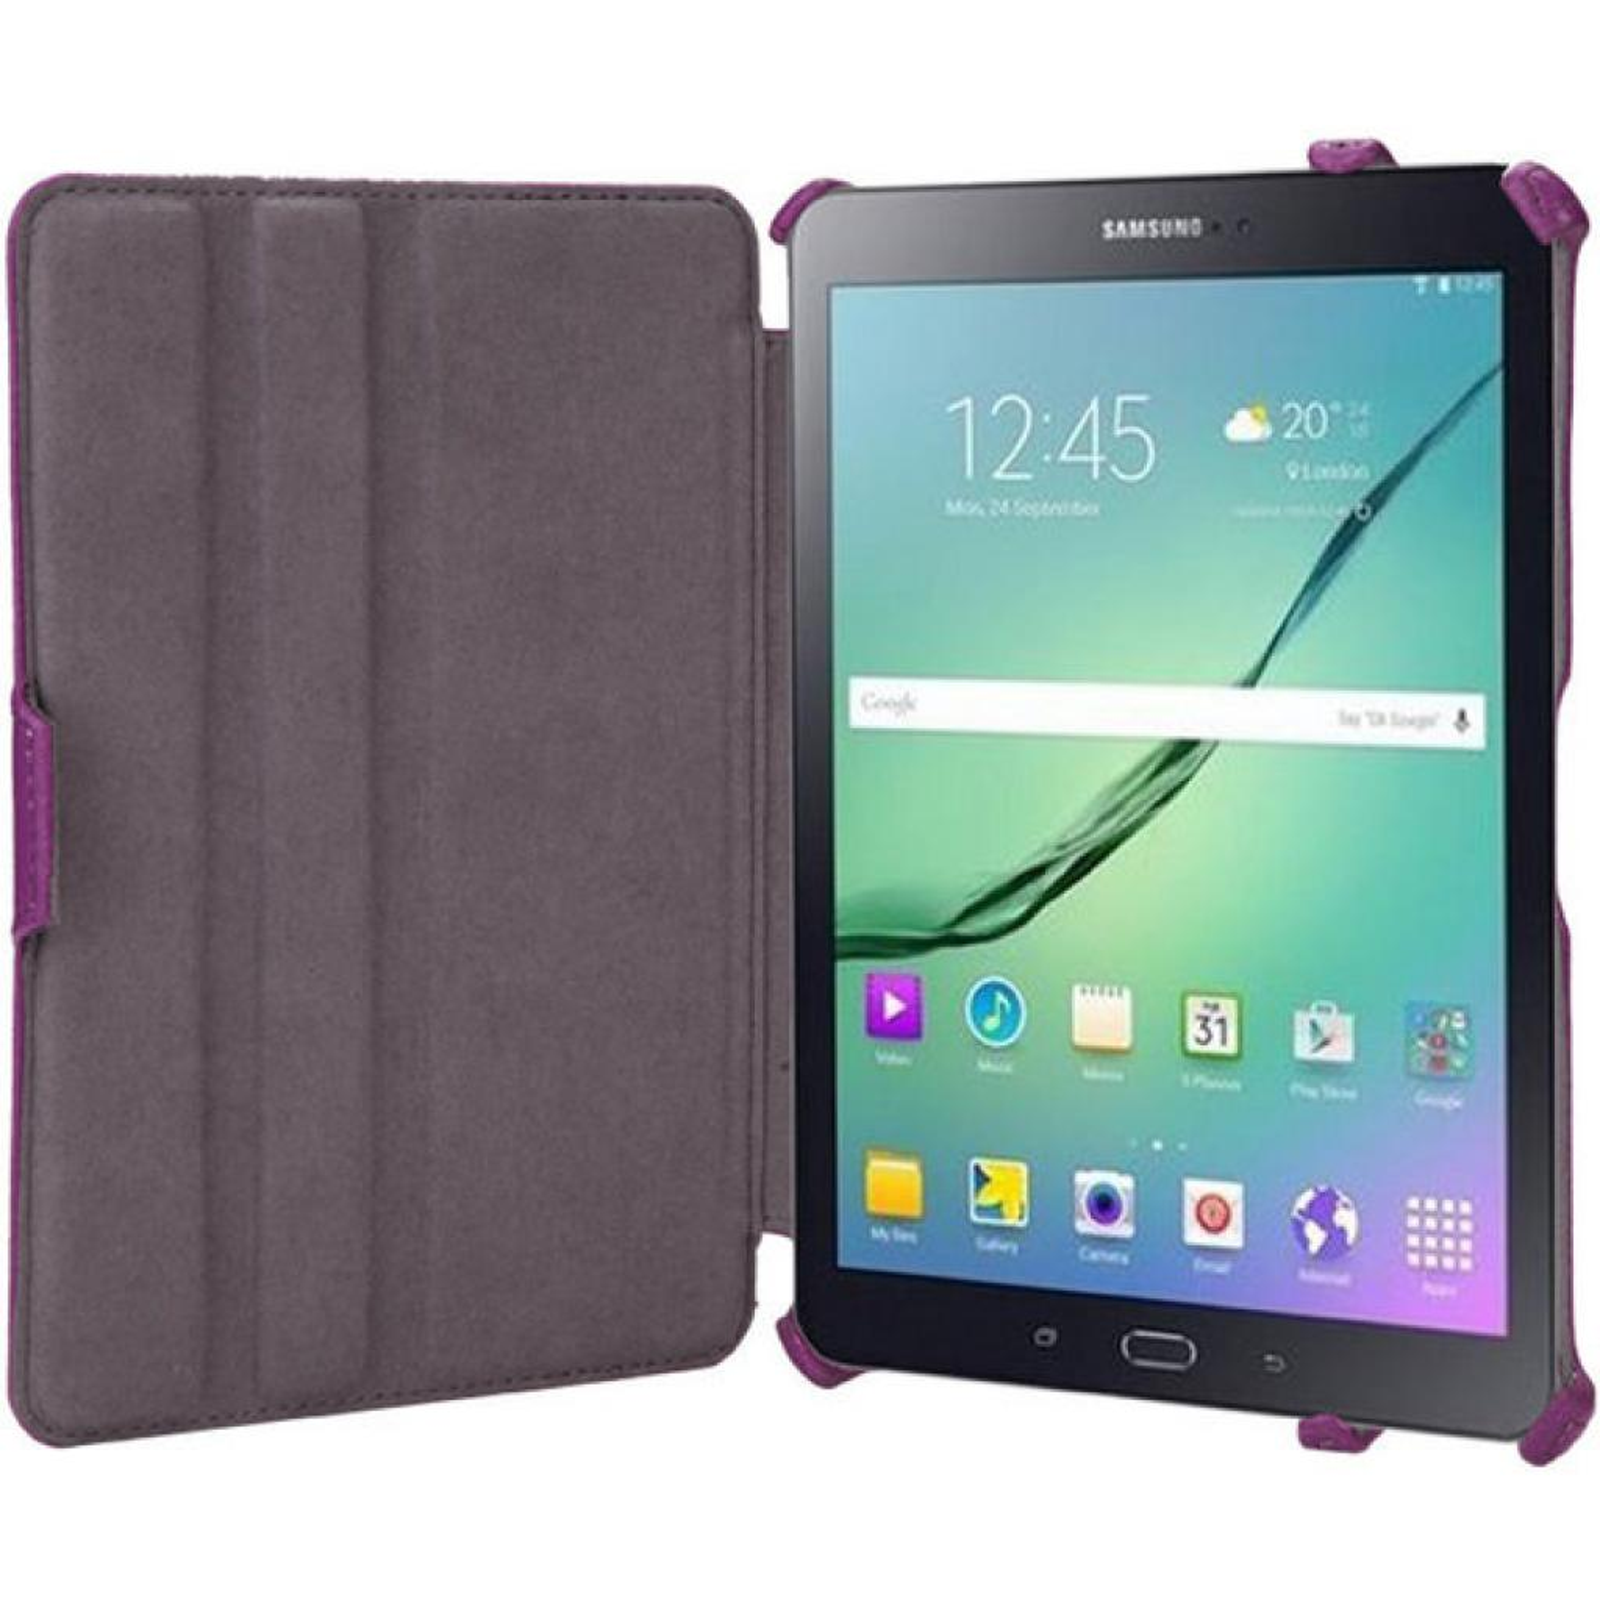 Чехол для планшета AirOn для Samsung Galaxy Tab S 2 8.0 violet (4822352770204) изображение 8